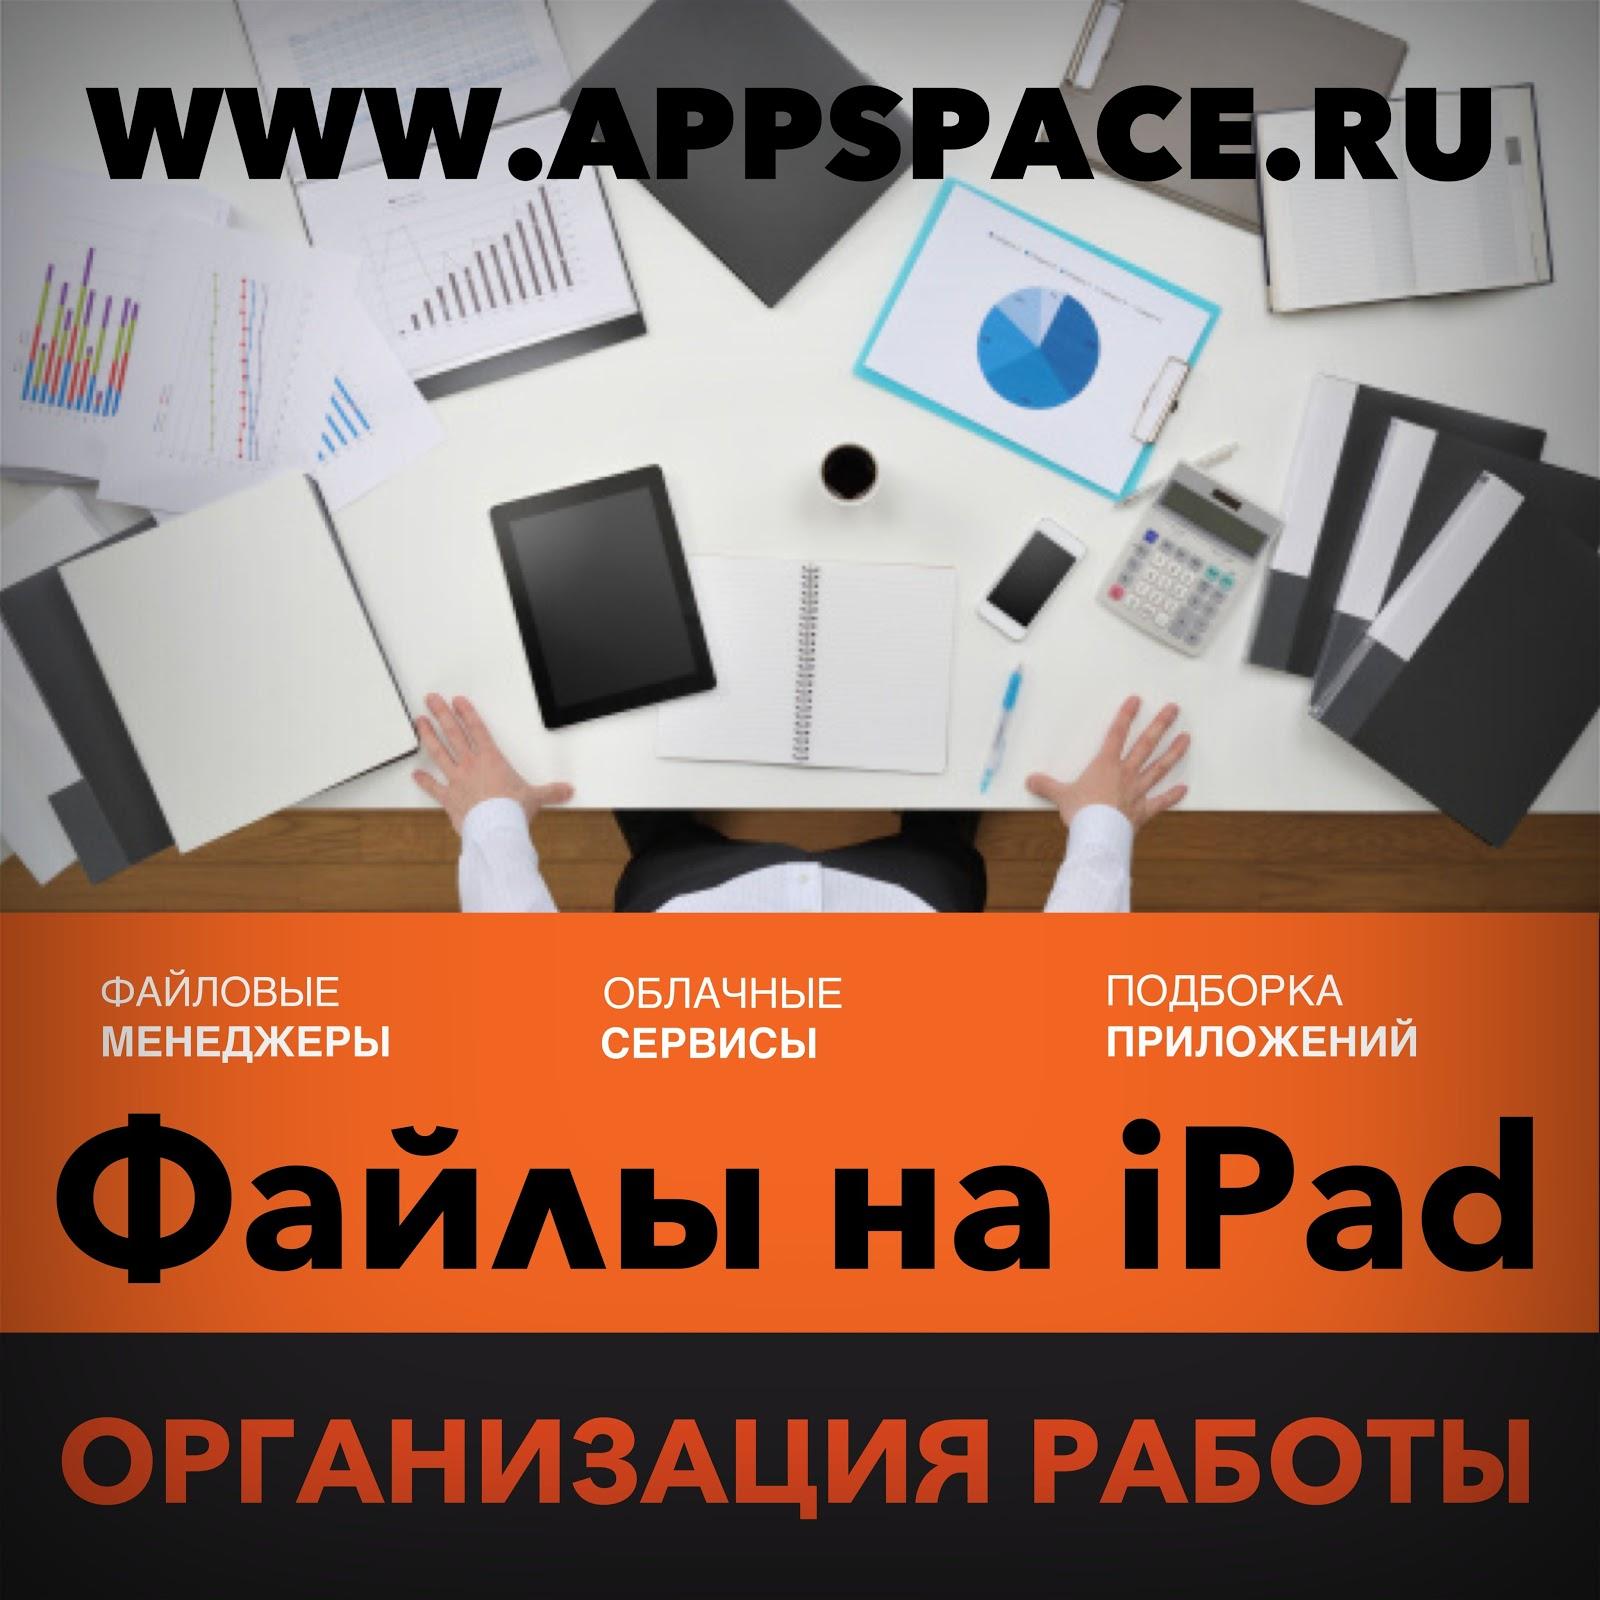 Приложения как ipad на